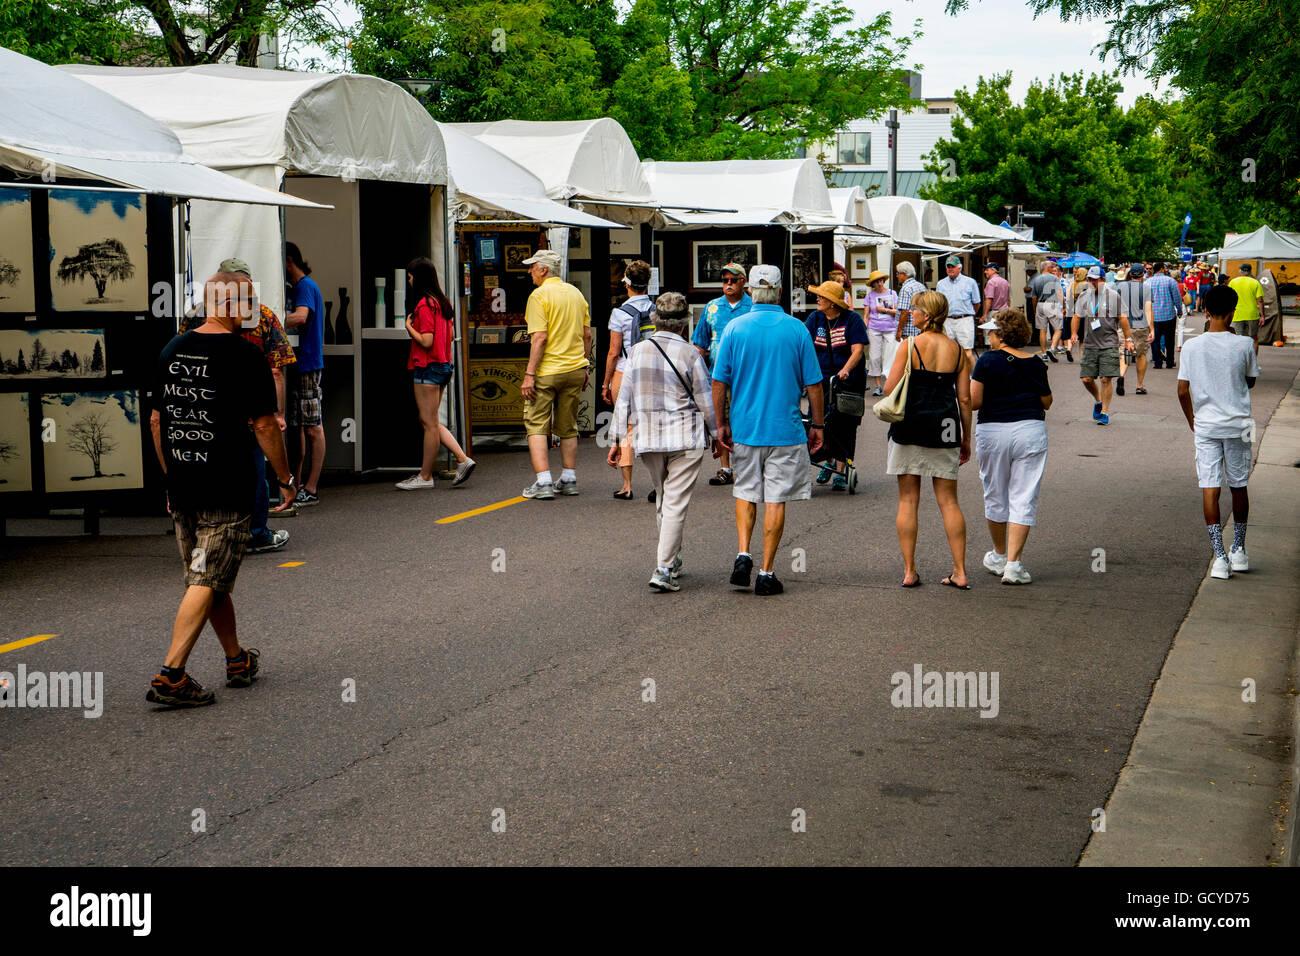 Street scene of Cherry Creek Art Festival in Denver Colorado Stock Photo